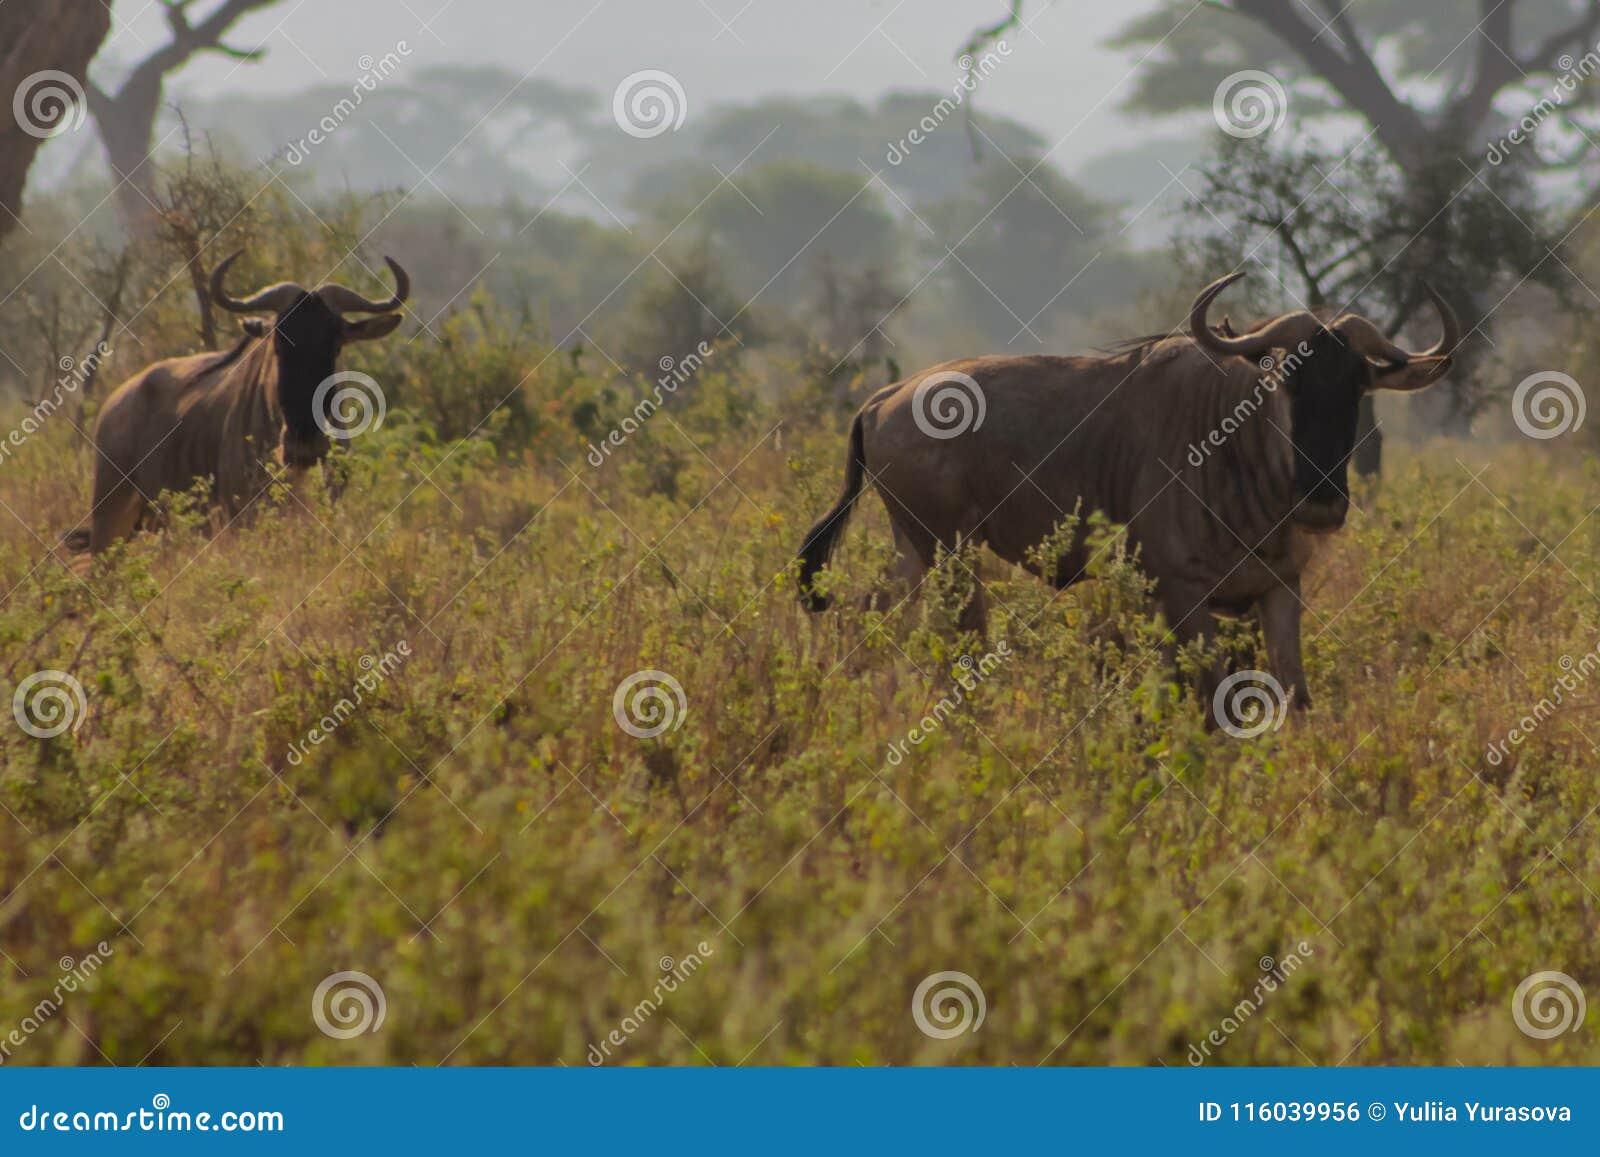 Antilope de gnou en nature sauvage de la savane de l Afrique